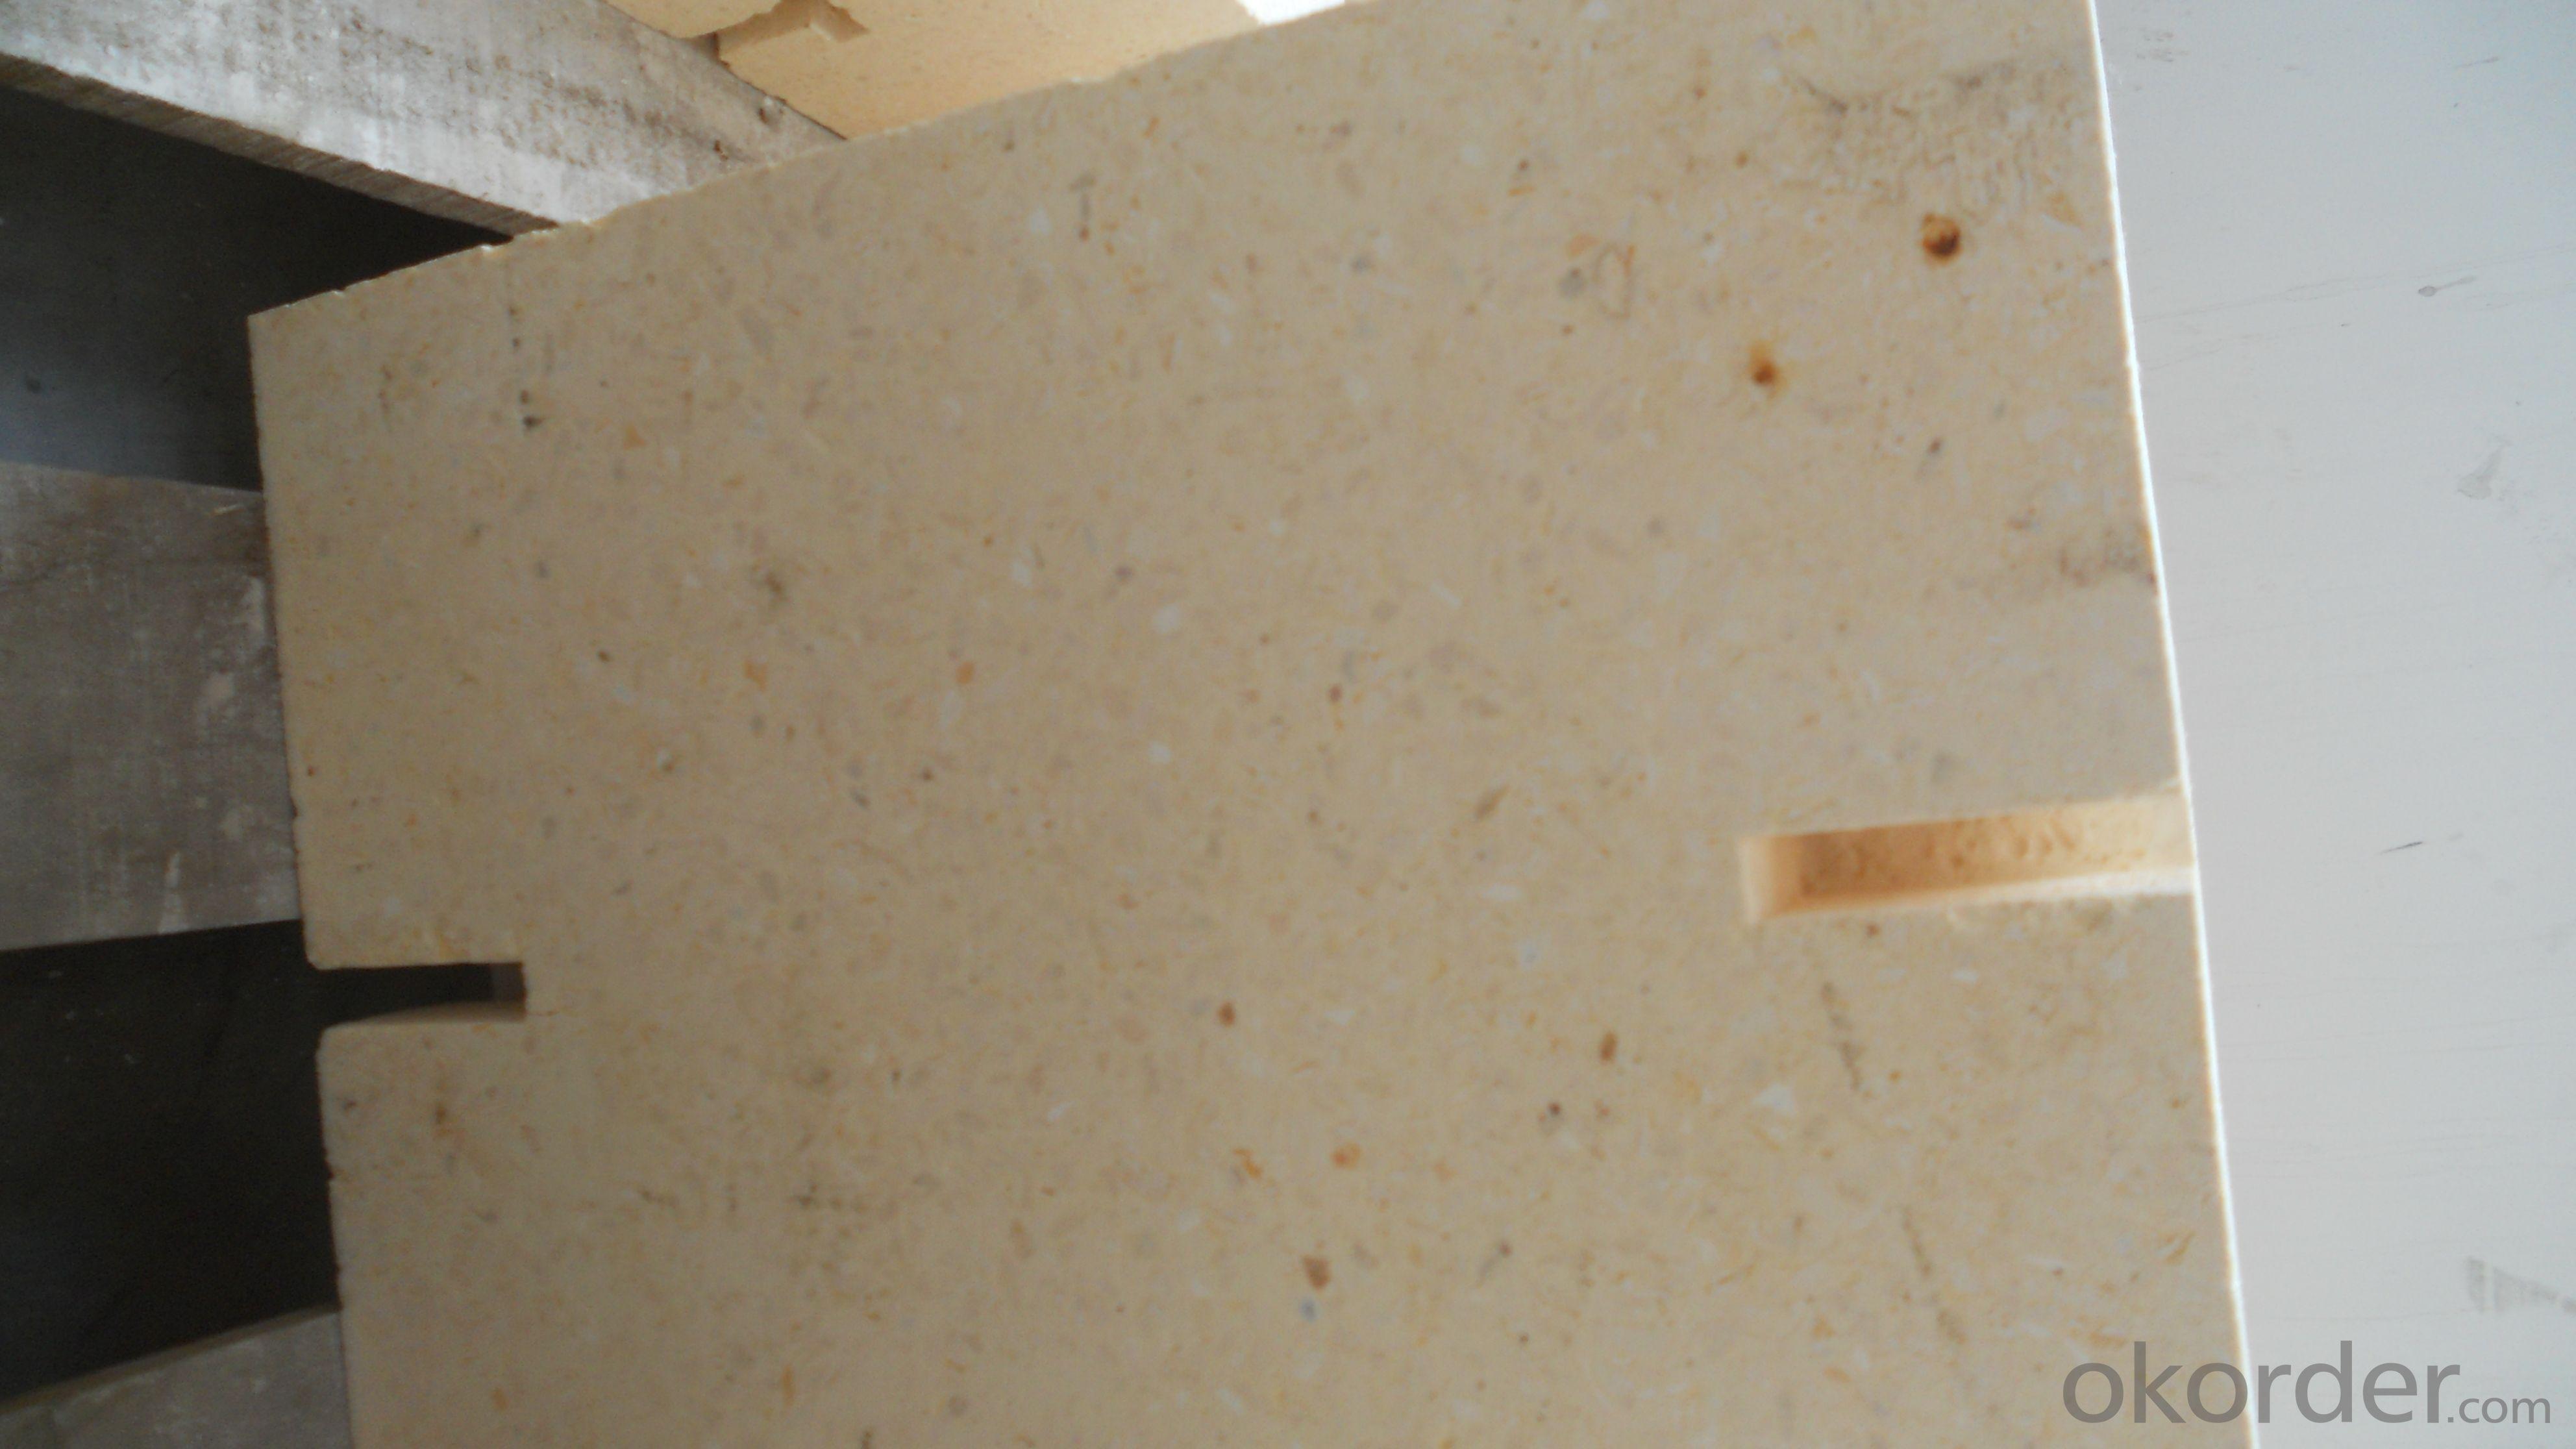 Ordinary zirconium stone refractory brick